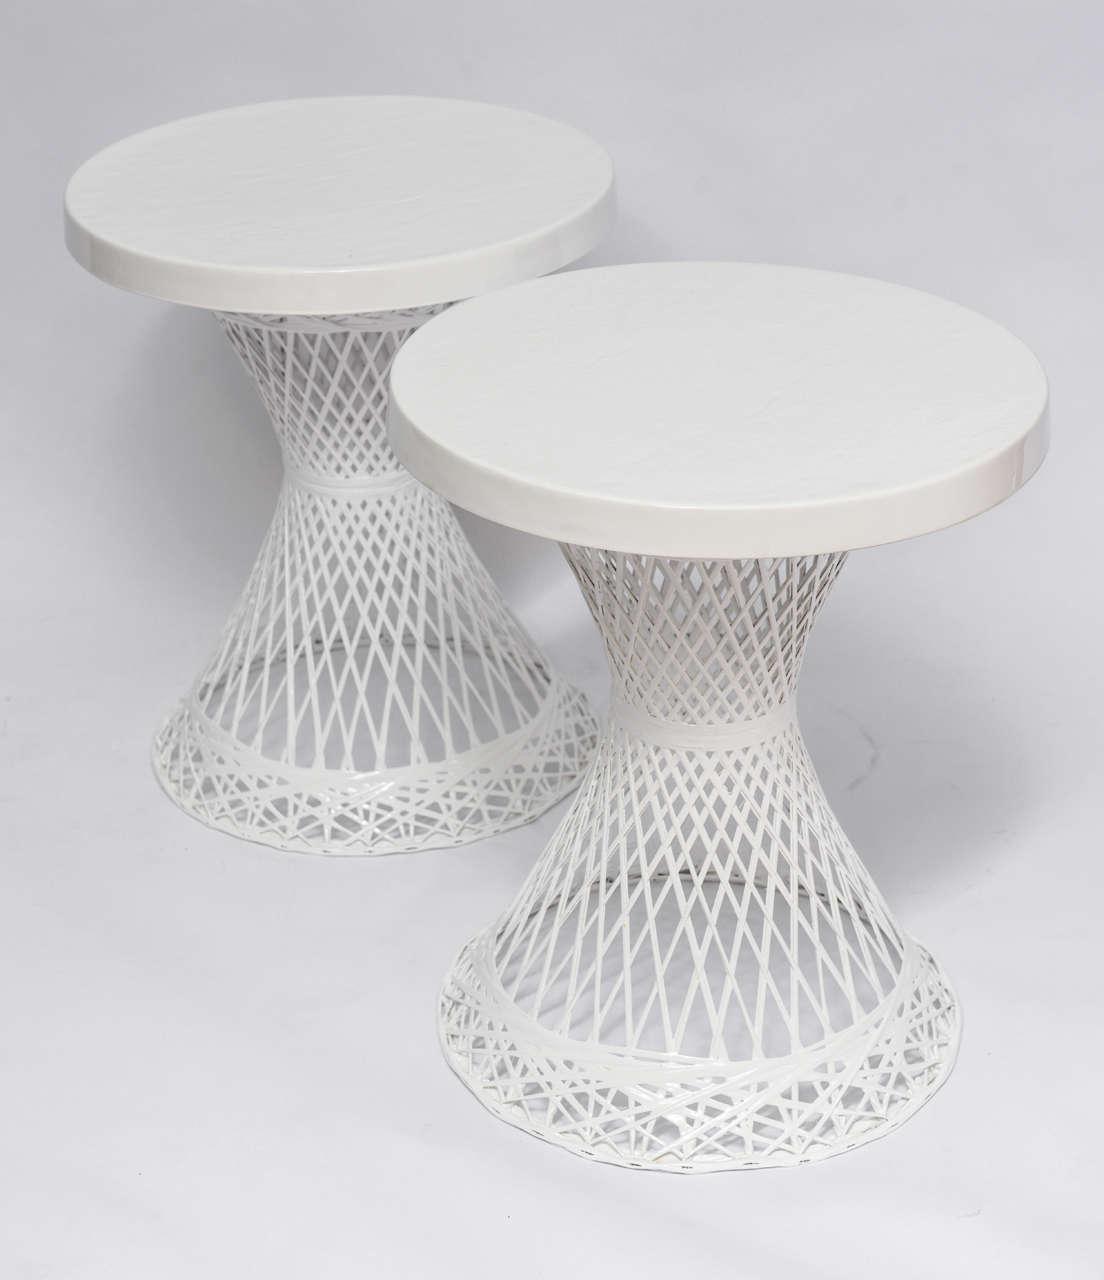 Merveilleux American Mid Century Modern Russell Woodard Spun Fiberglass Side Tables For  Sale